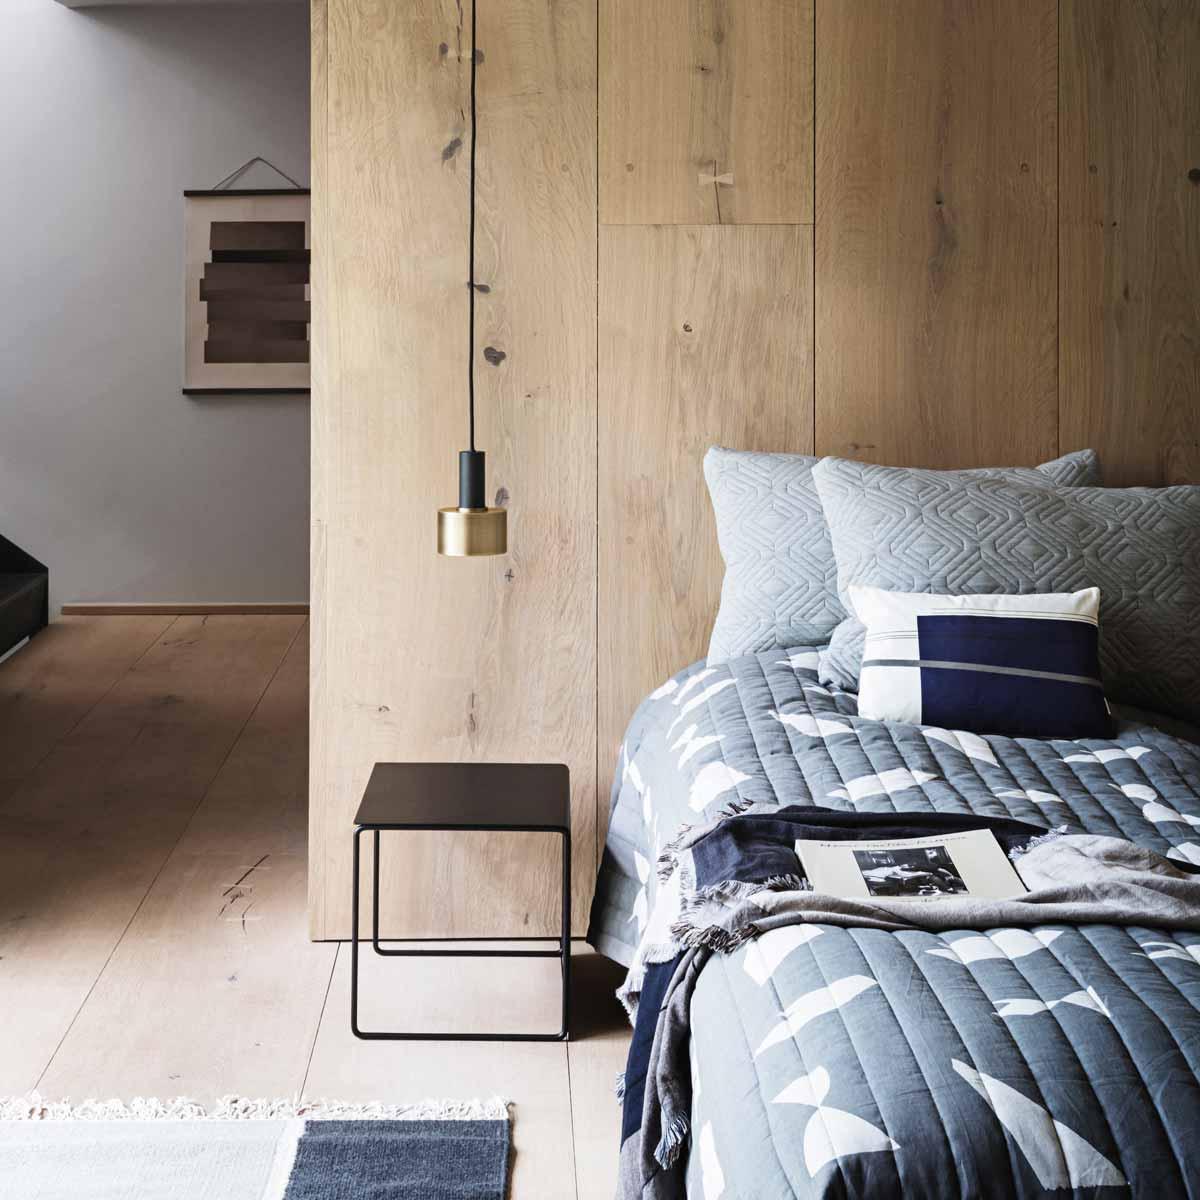 Ferm_living_bedroom. Ferm_living_throw Pillows